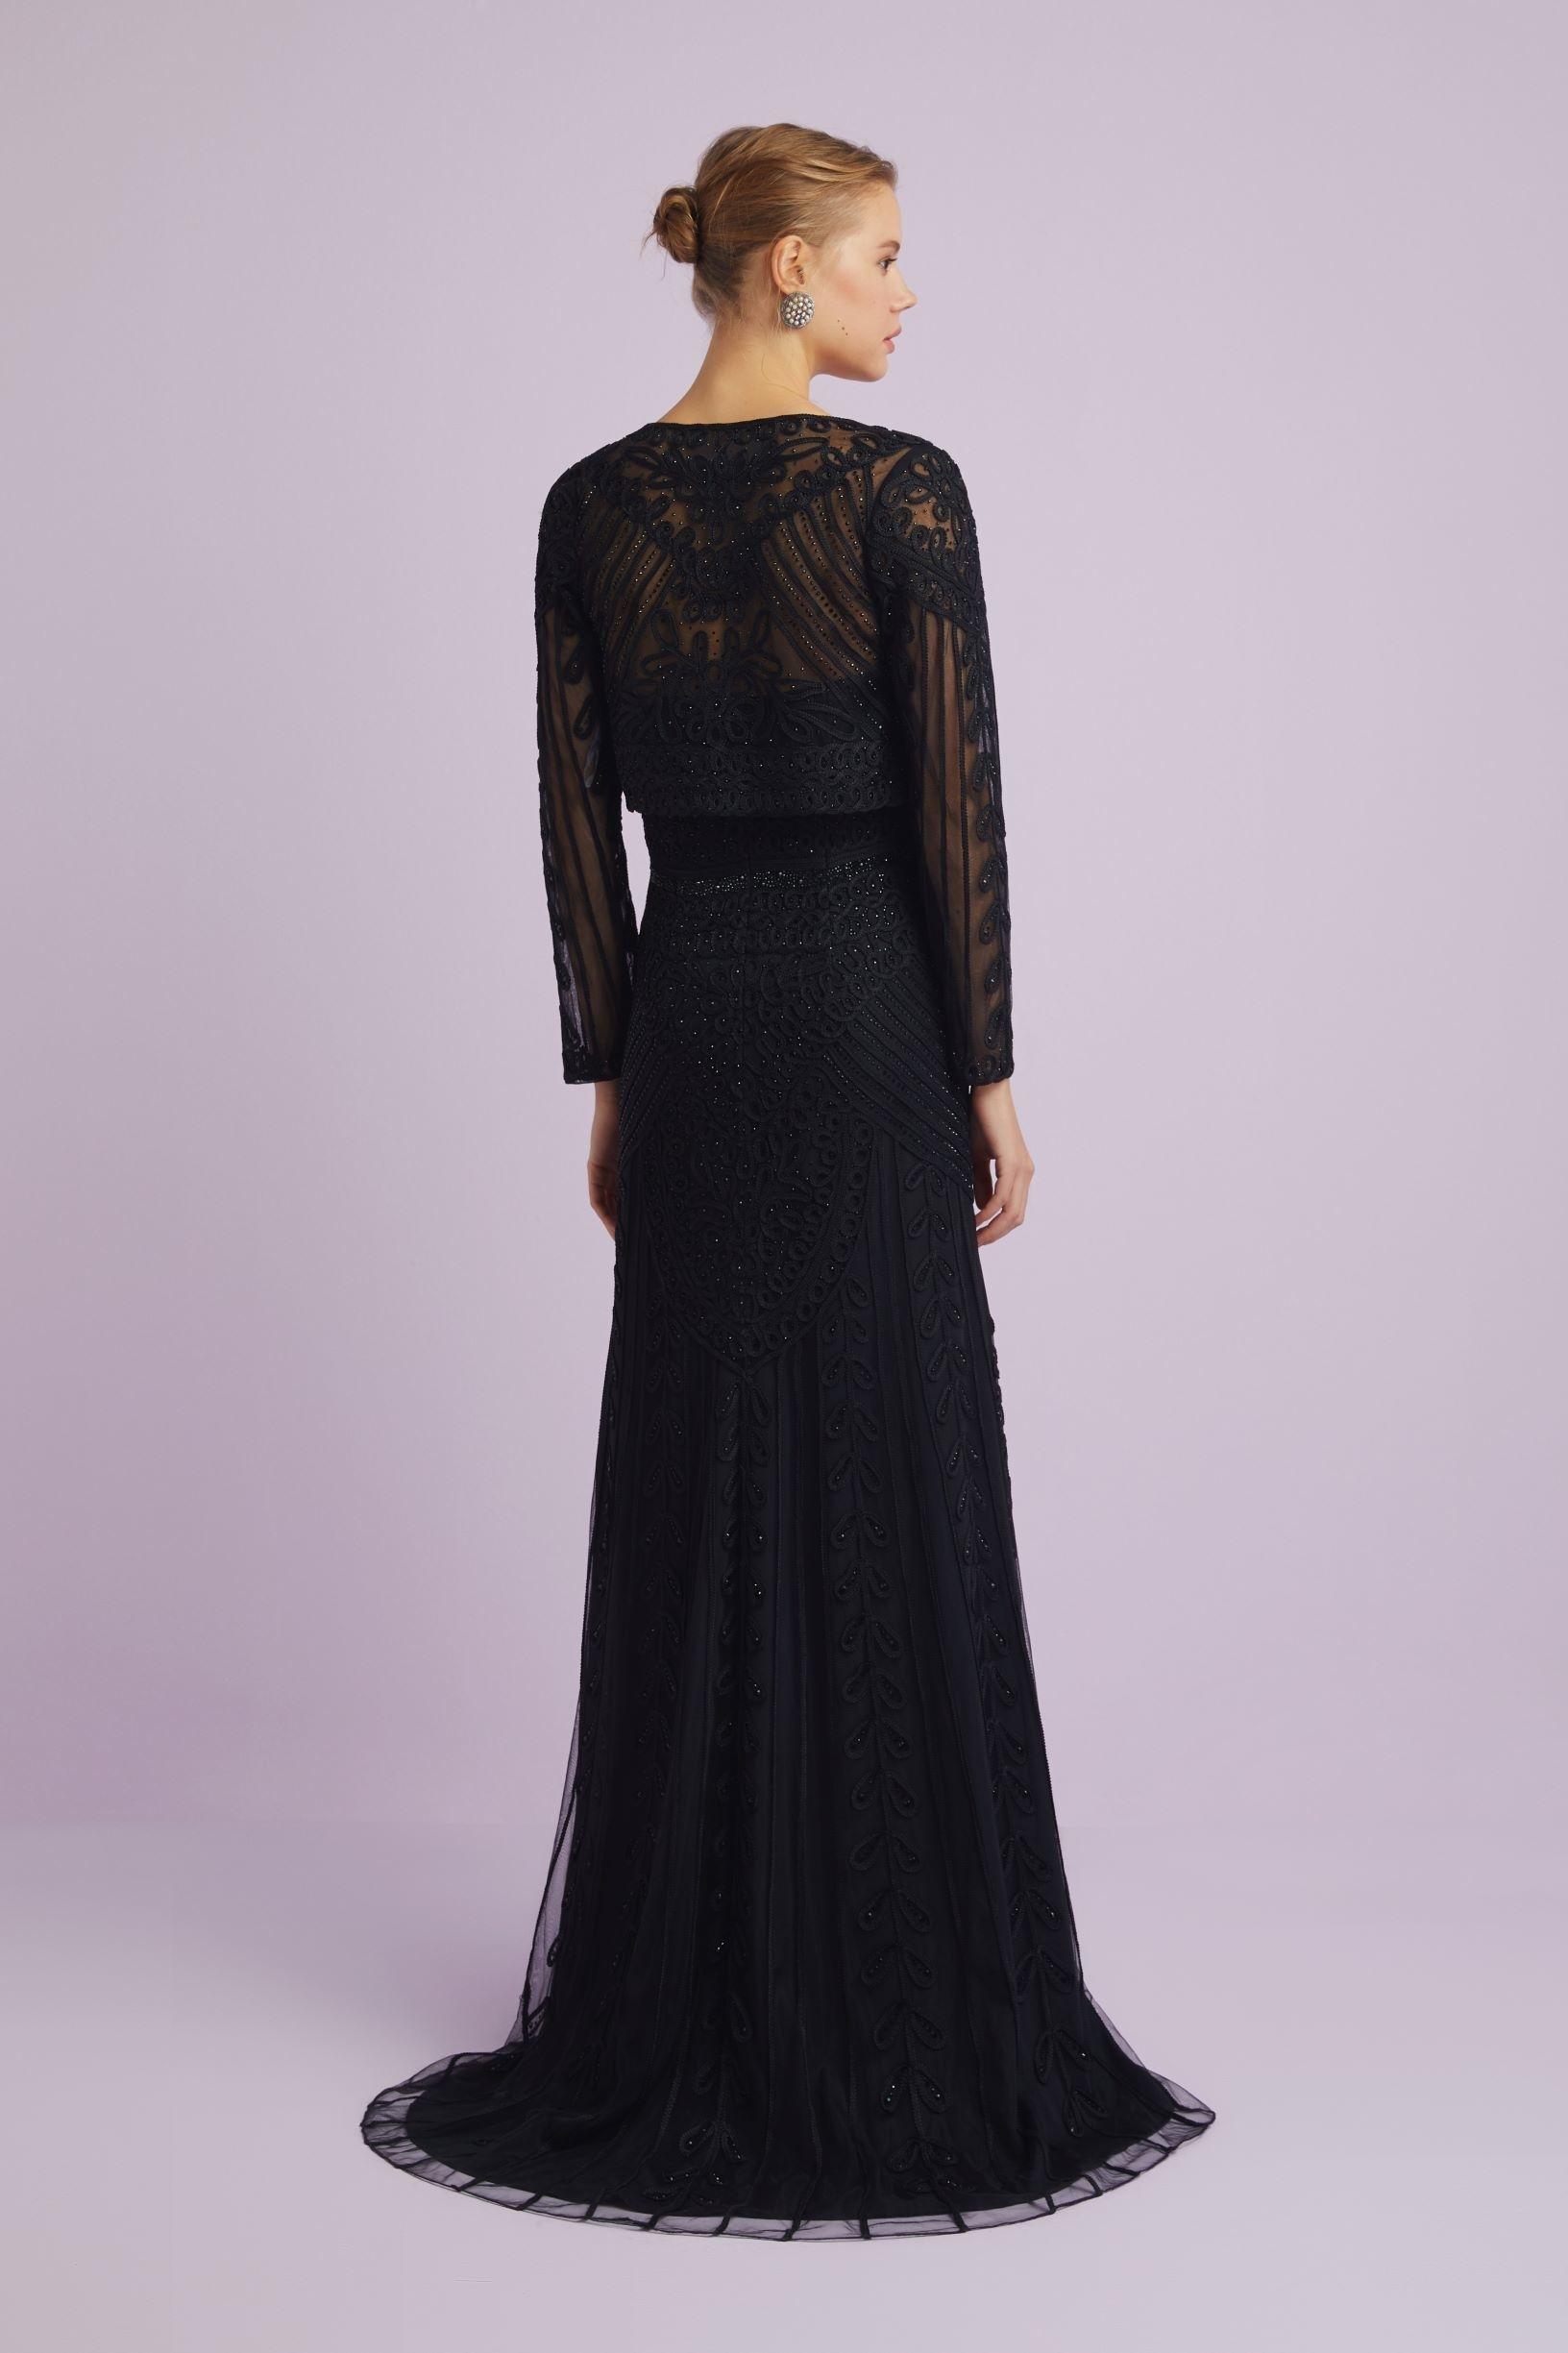 Siyah Straplez Dantelli Bolerolu Uzun Abiye Elbise - Thumbnail